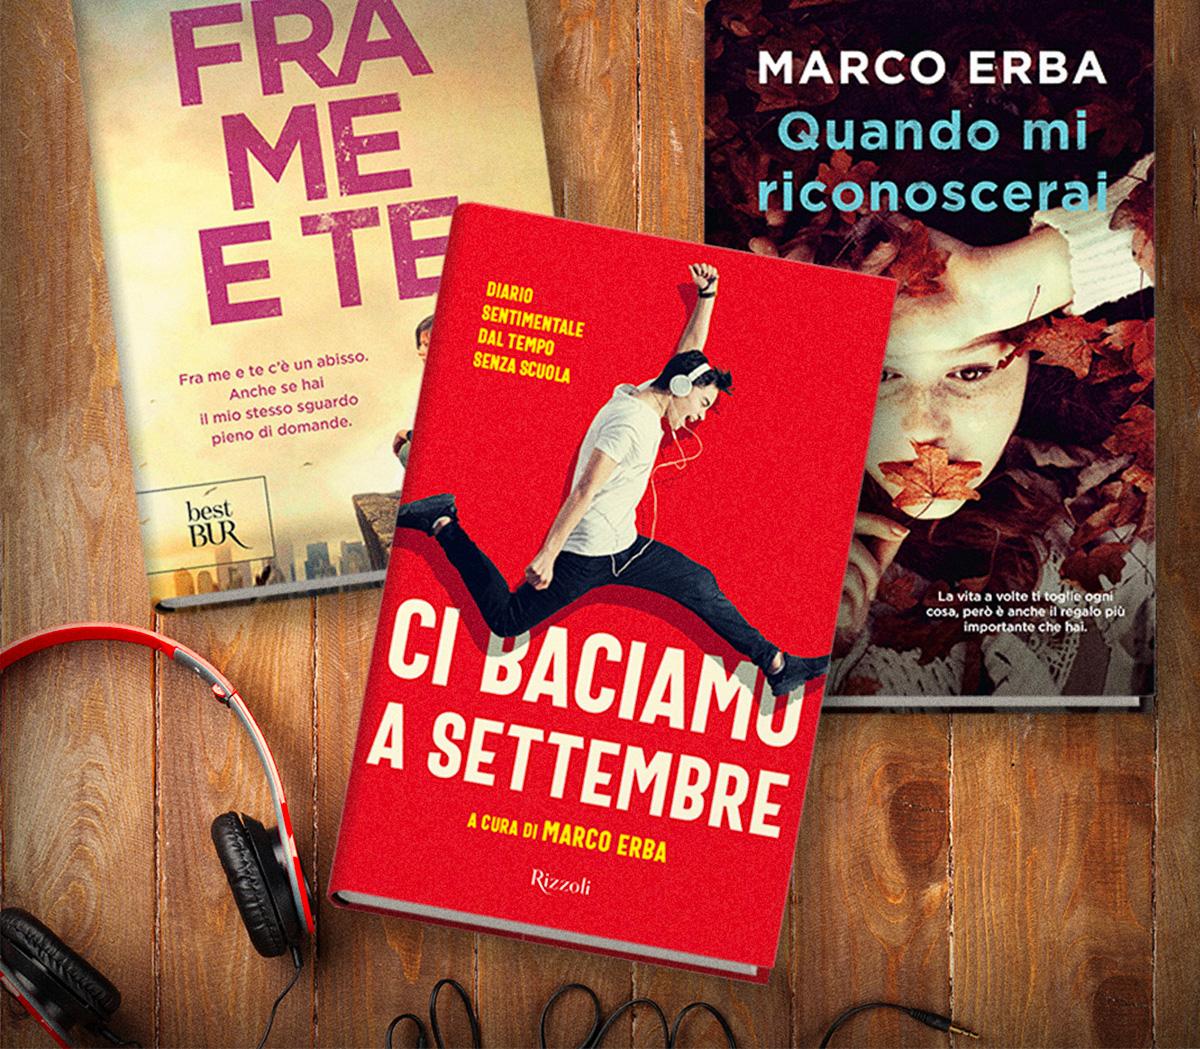 Marco Erba autore di Fra me e te e Ci baciamo a settembre